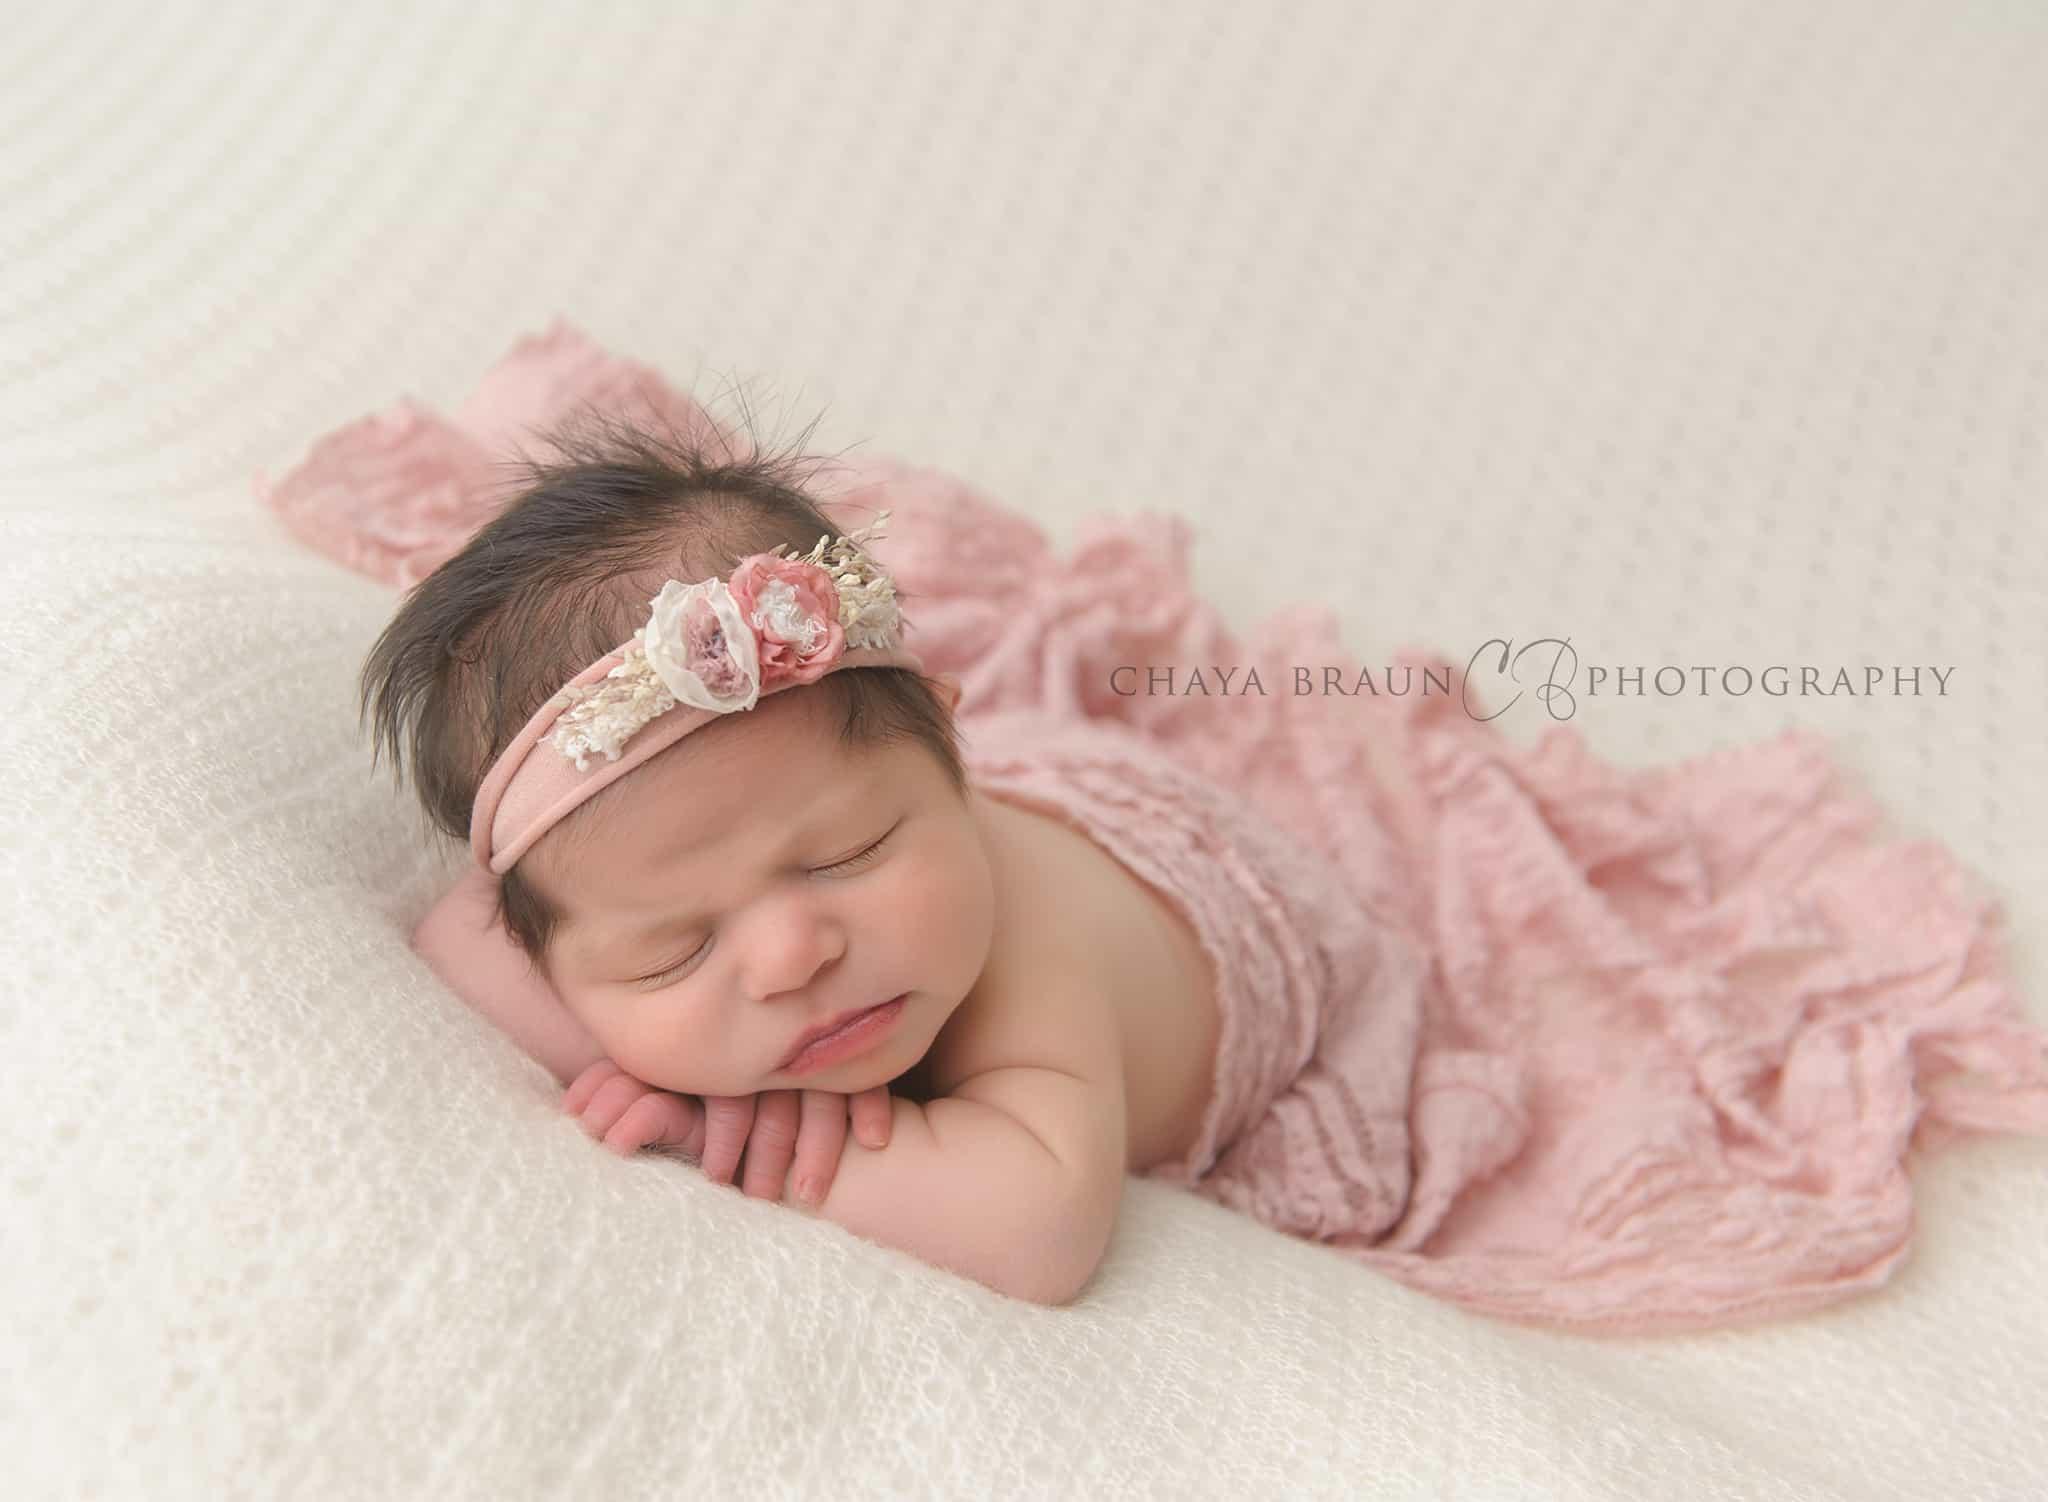 Baltimore, Maryland newborn baby photographer